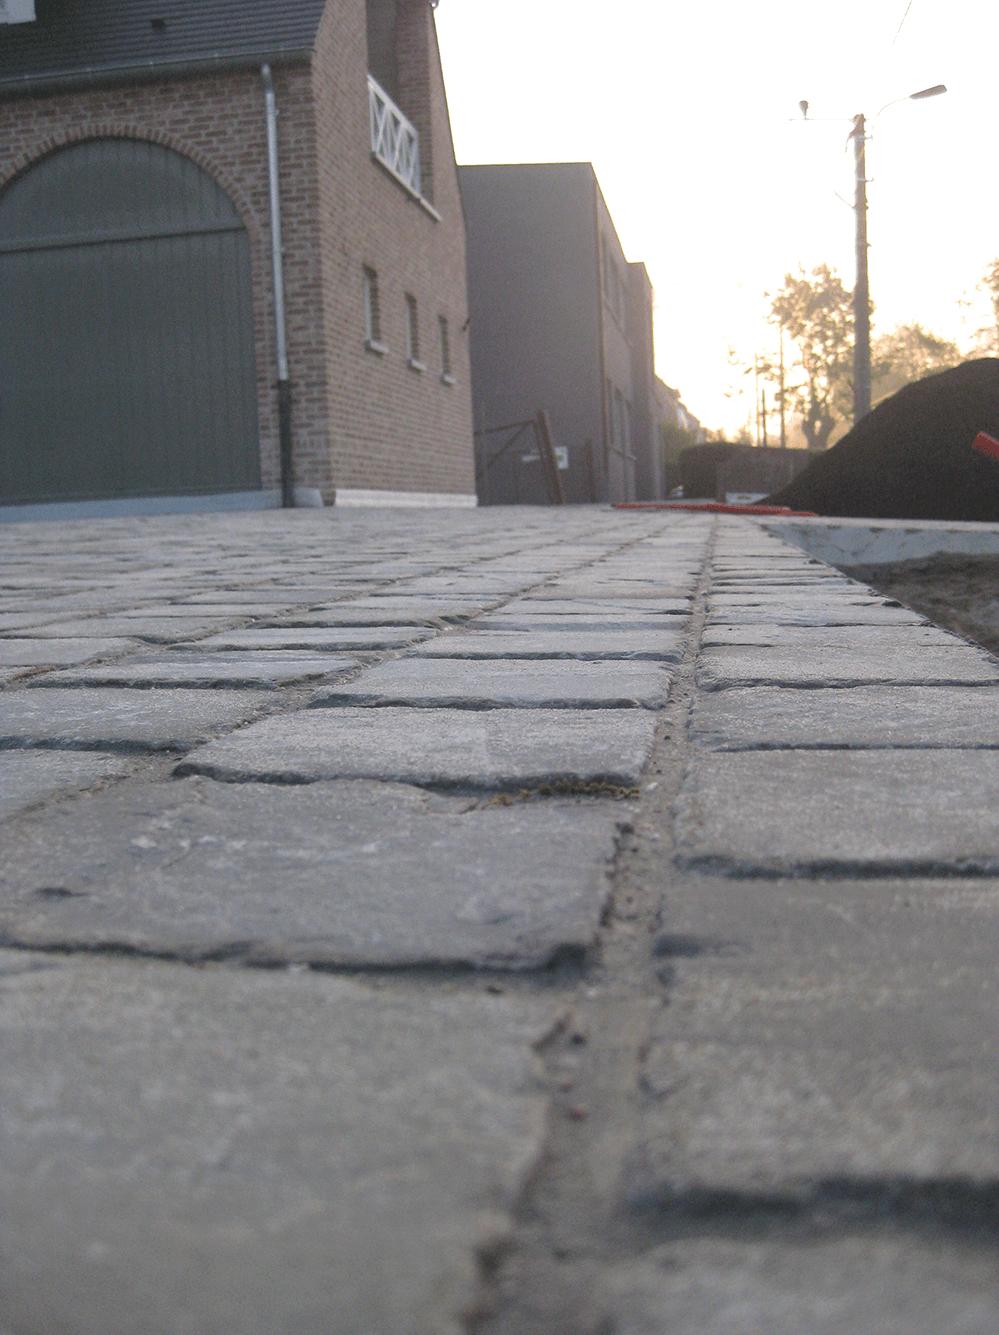 Casteele Tuinen - verharding, terras, pad, oprit, klinkers, afvoer -Kerkdreef Vichte 1